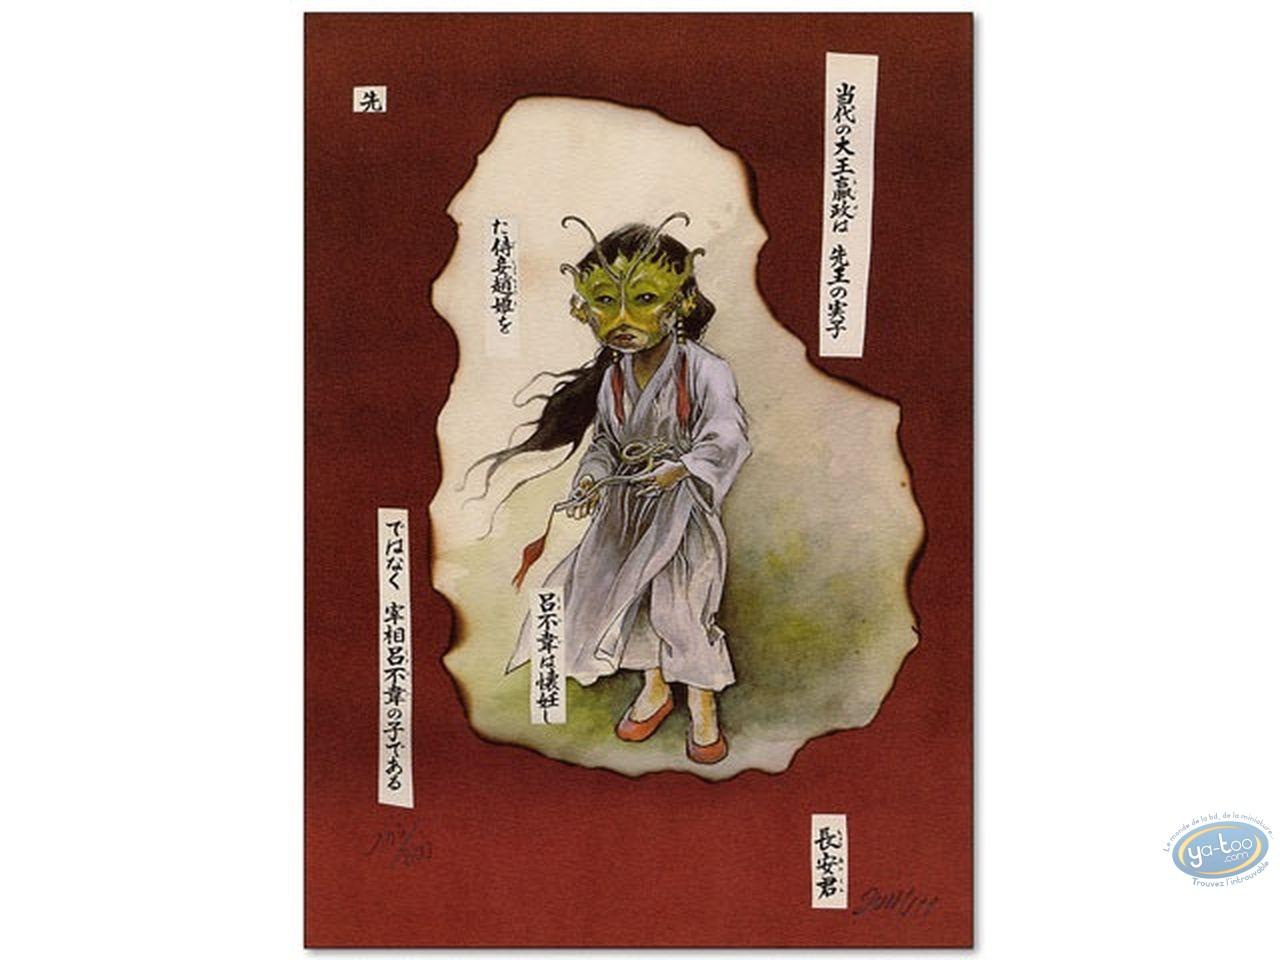 Bookplate Offset, Jeune Fille et le Vent (La) : Woman with a Mask